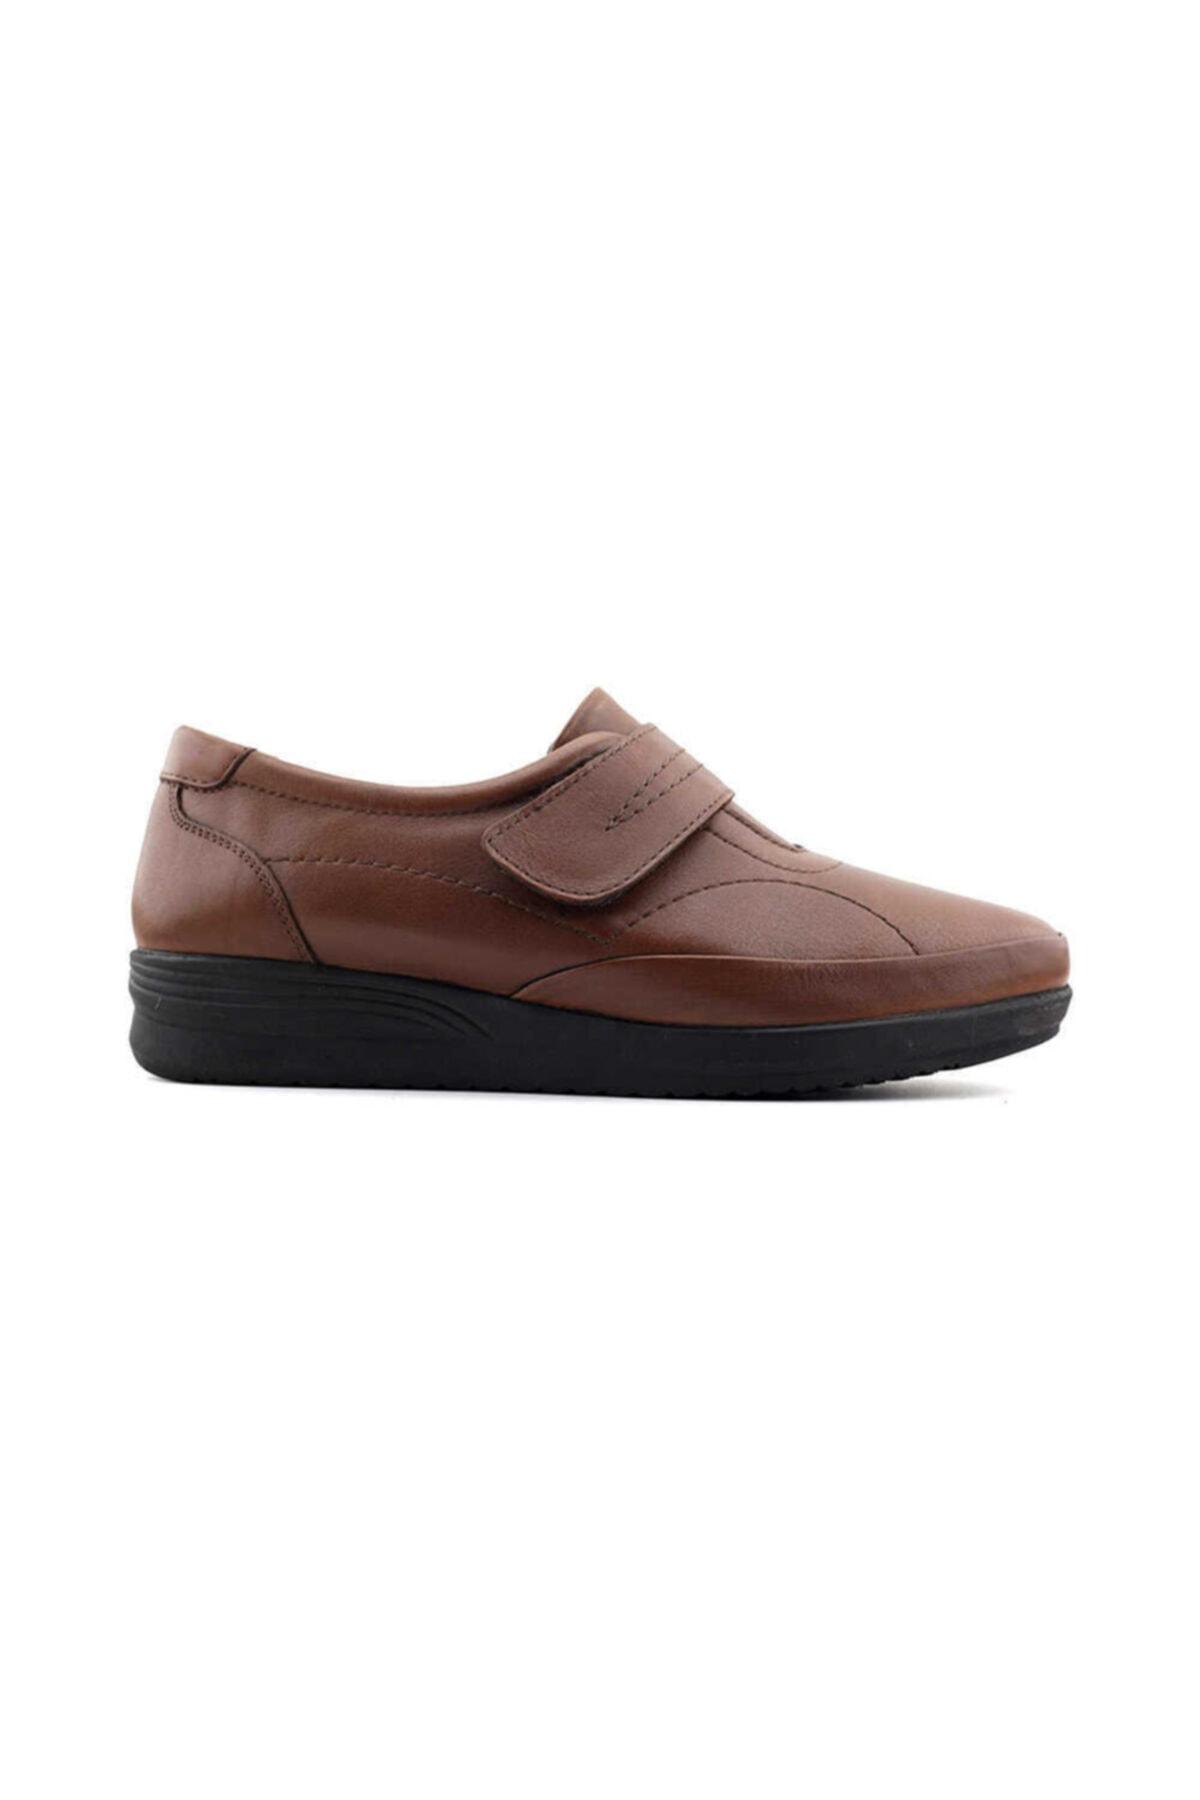 Kayra Kadın Taba Hakiki Deri Ayakkabı 1